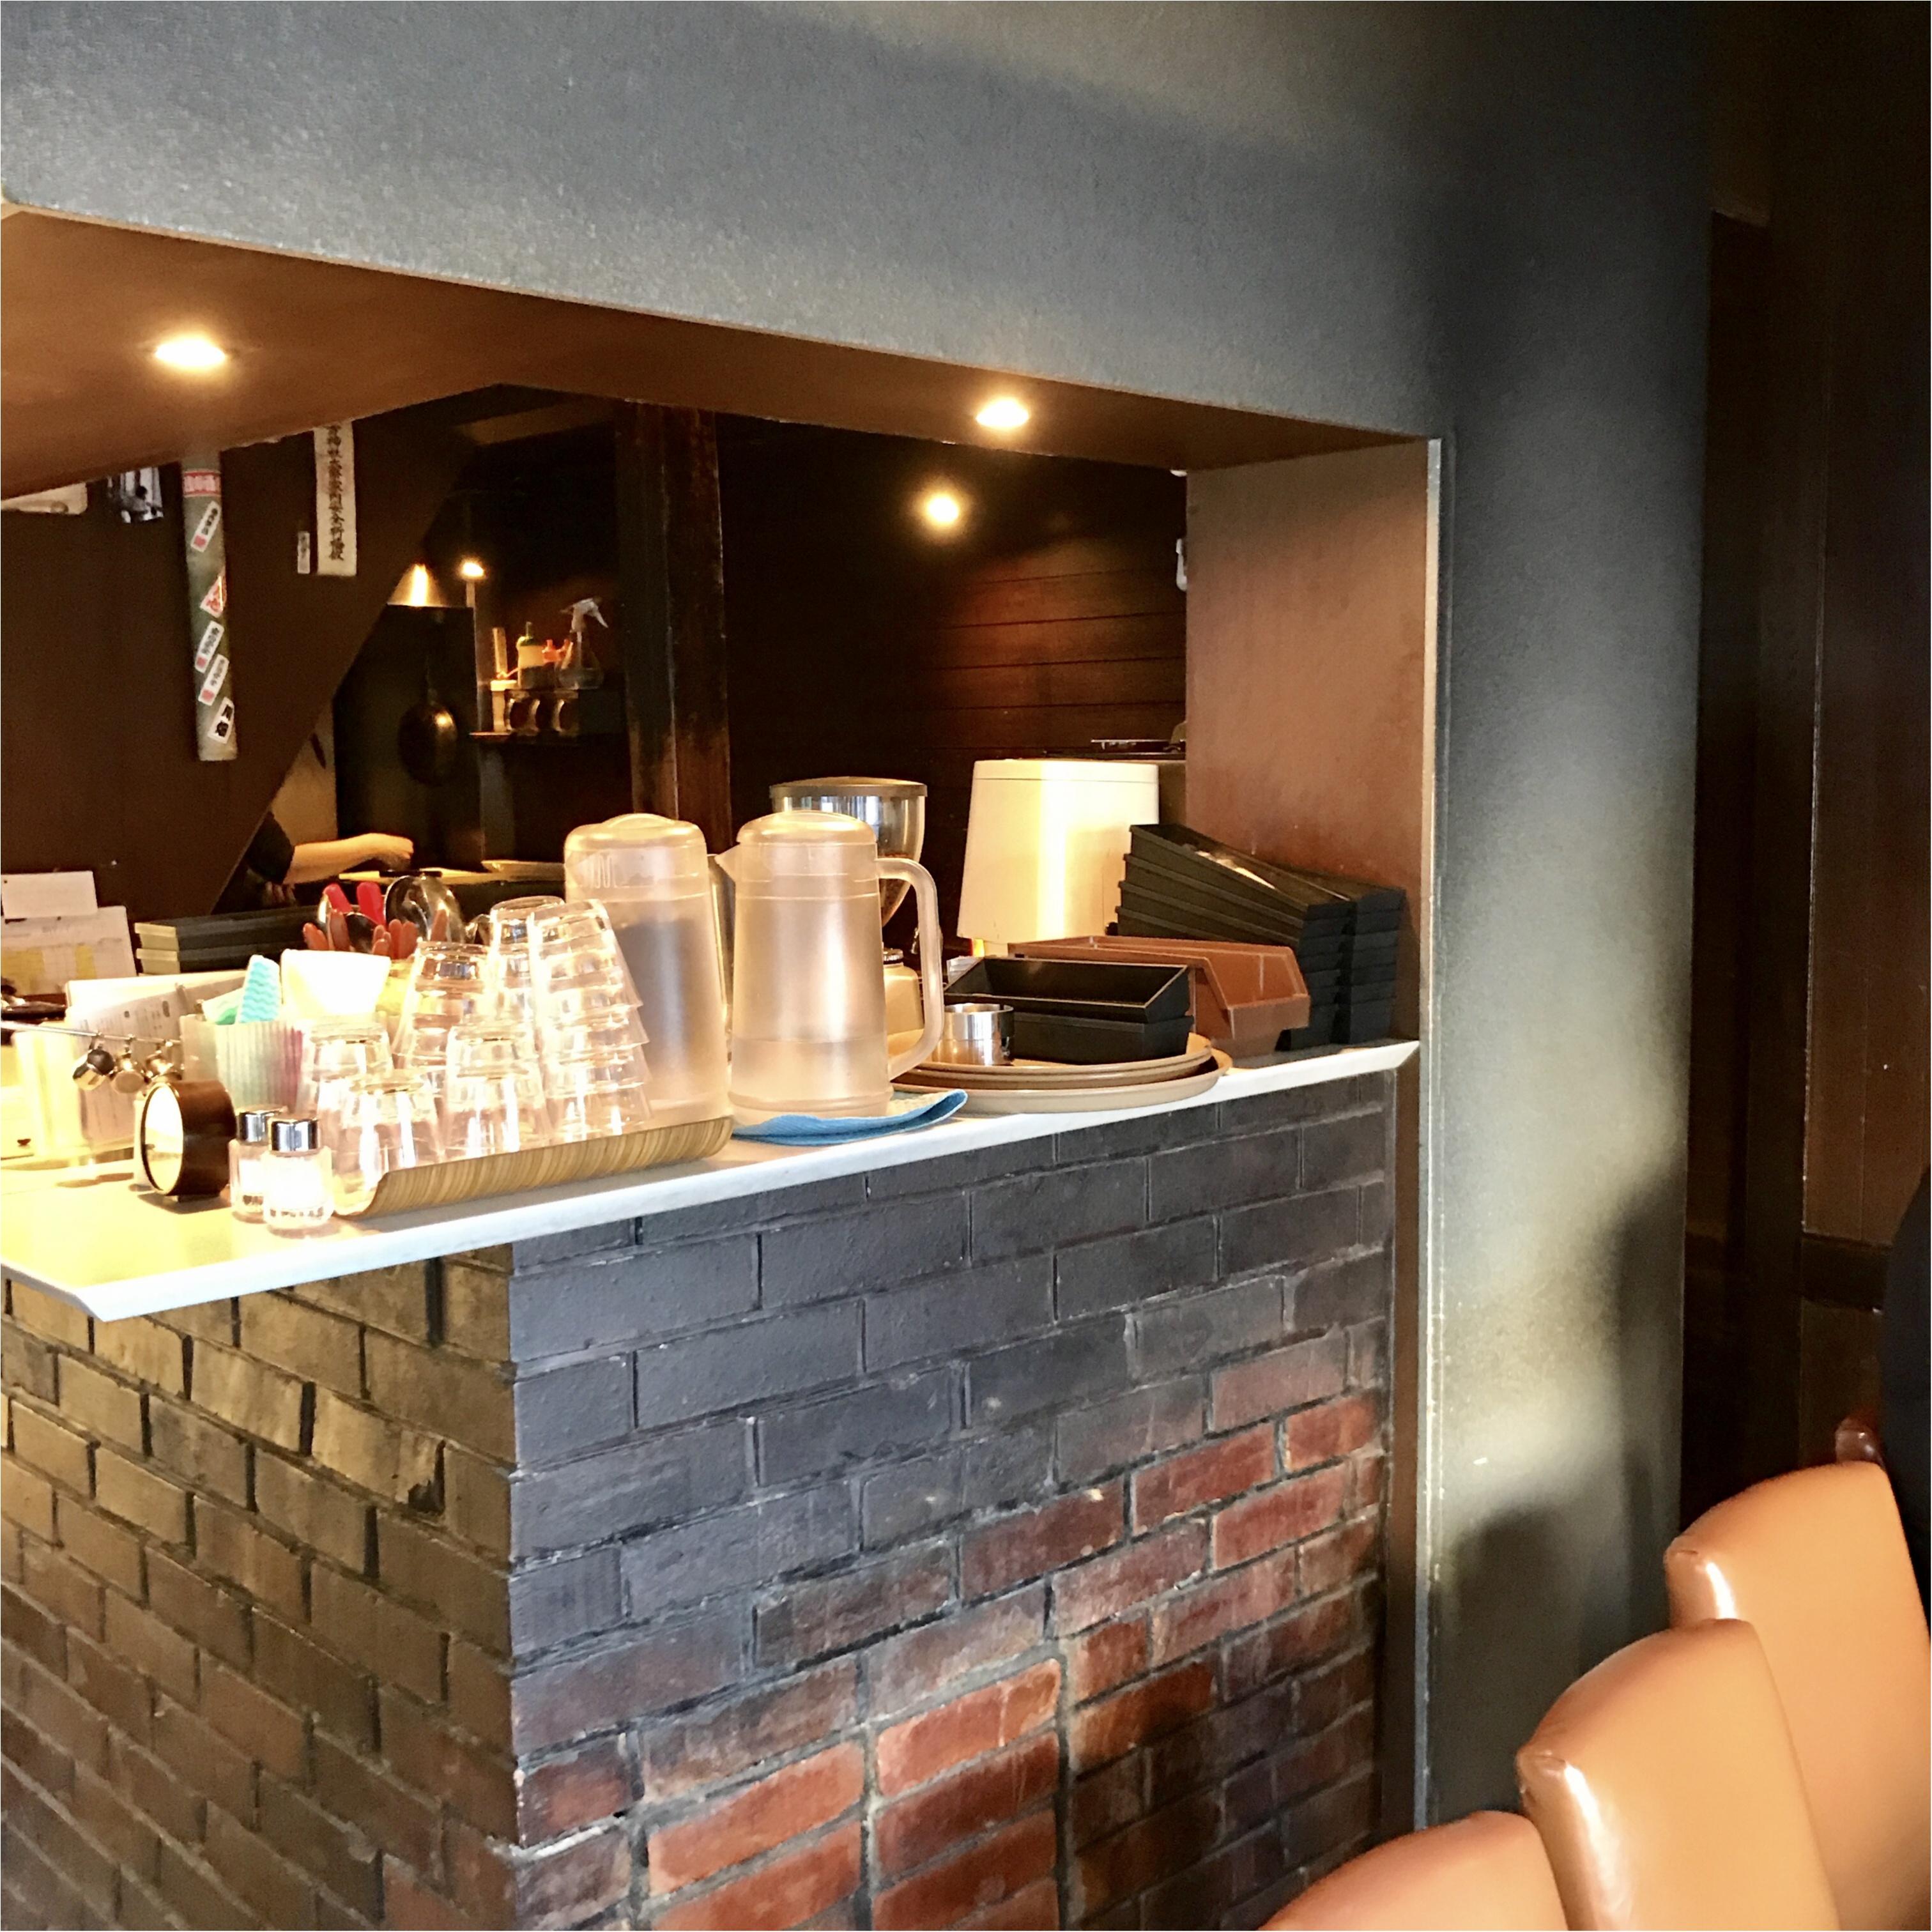 おすすめの喫茶店・カフェ特集 - 東京のレトロな喫茶店4選など、全国のフォトジェニックなカフェまとめ_16